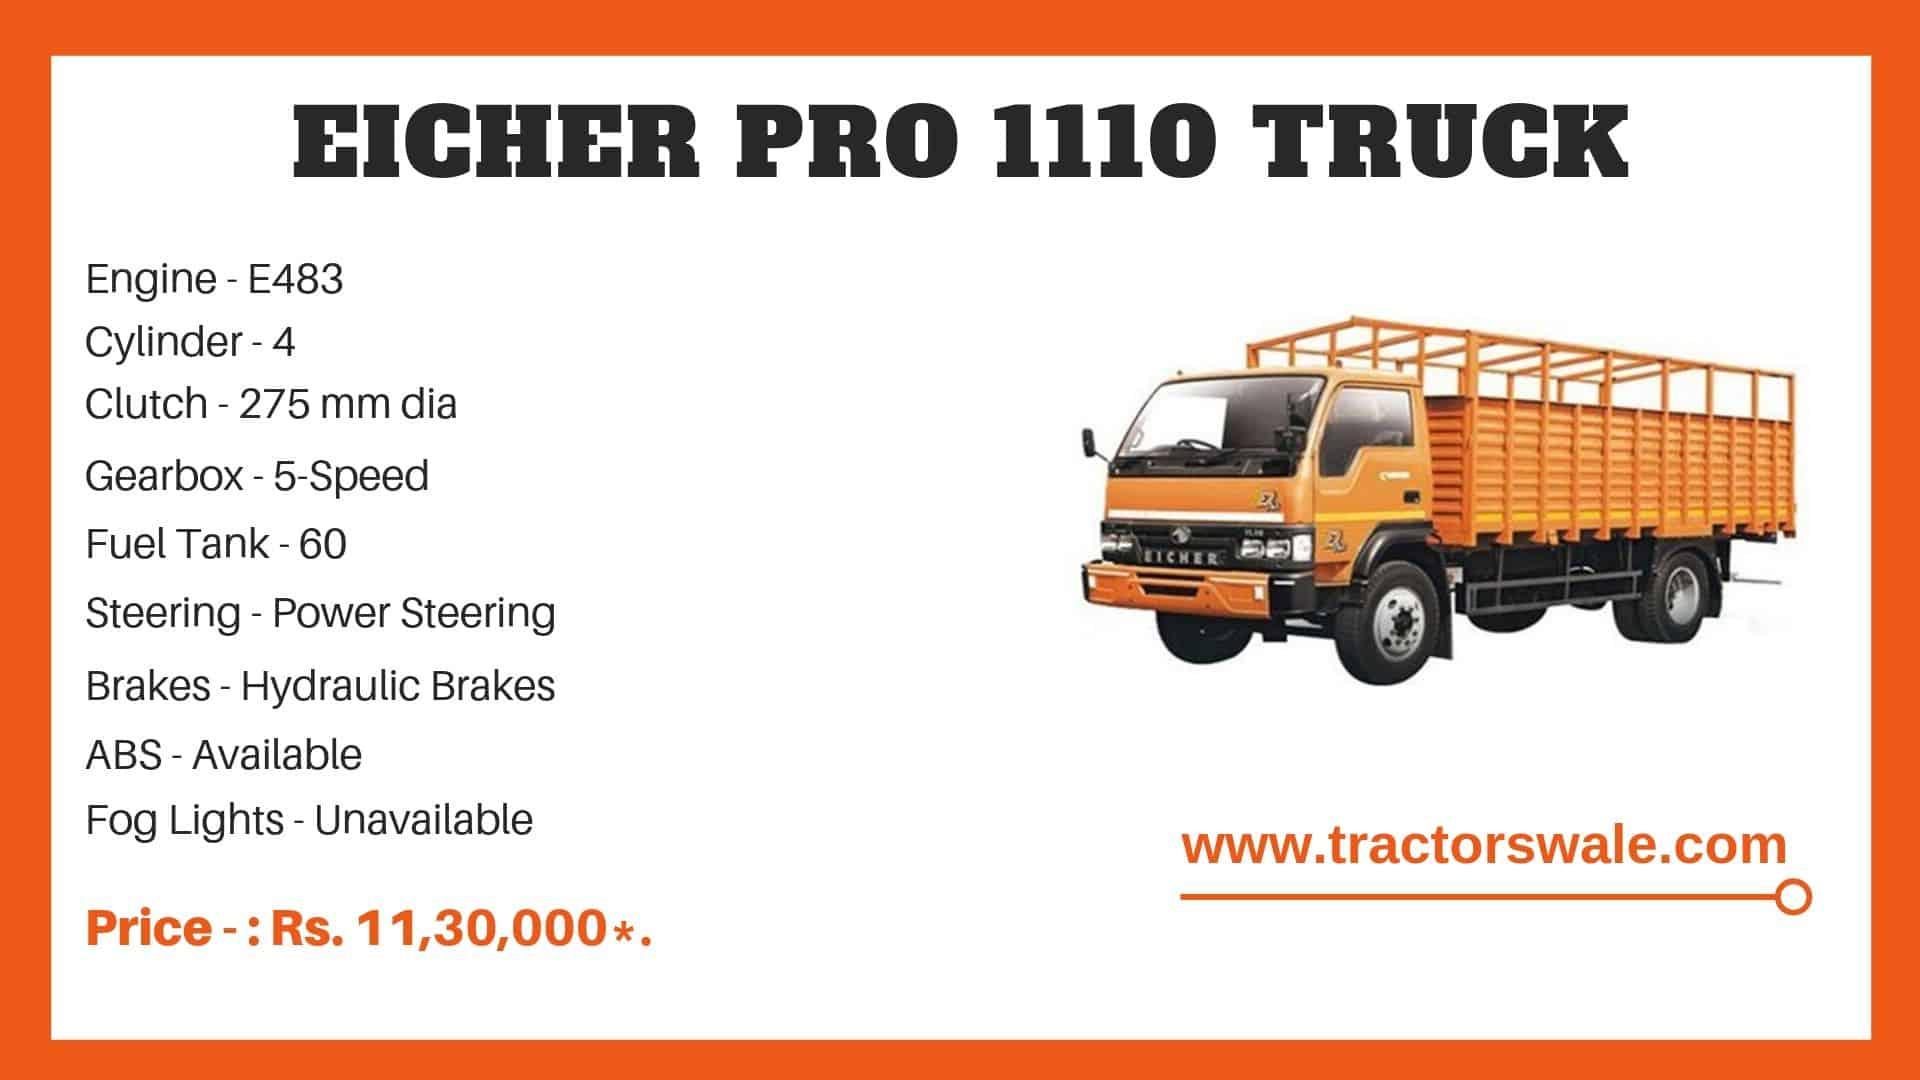 Eicher Pro 1055 truck Specification